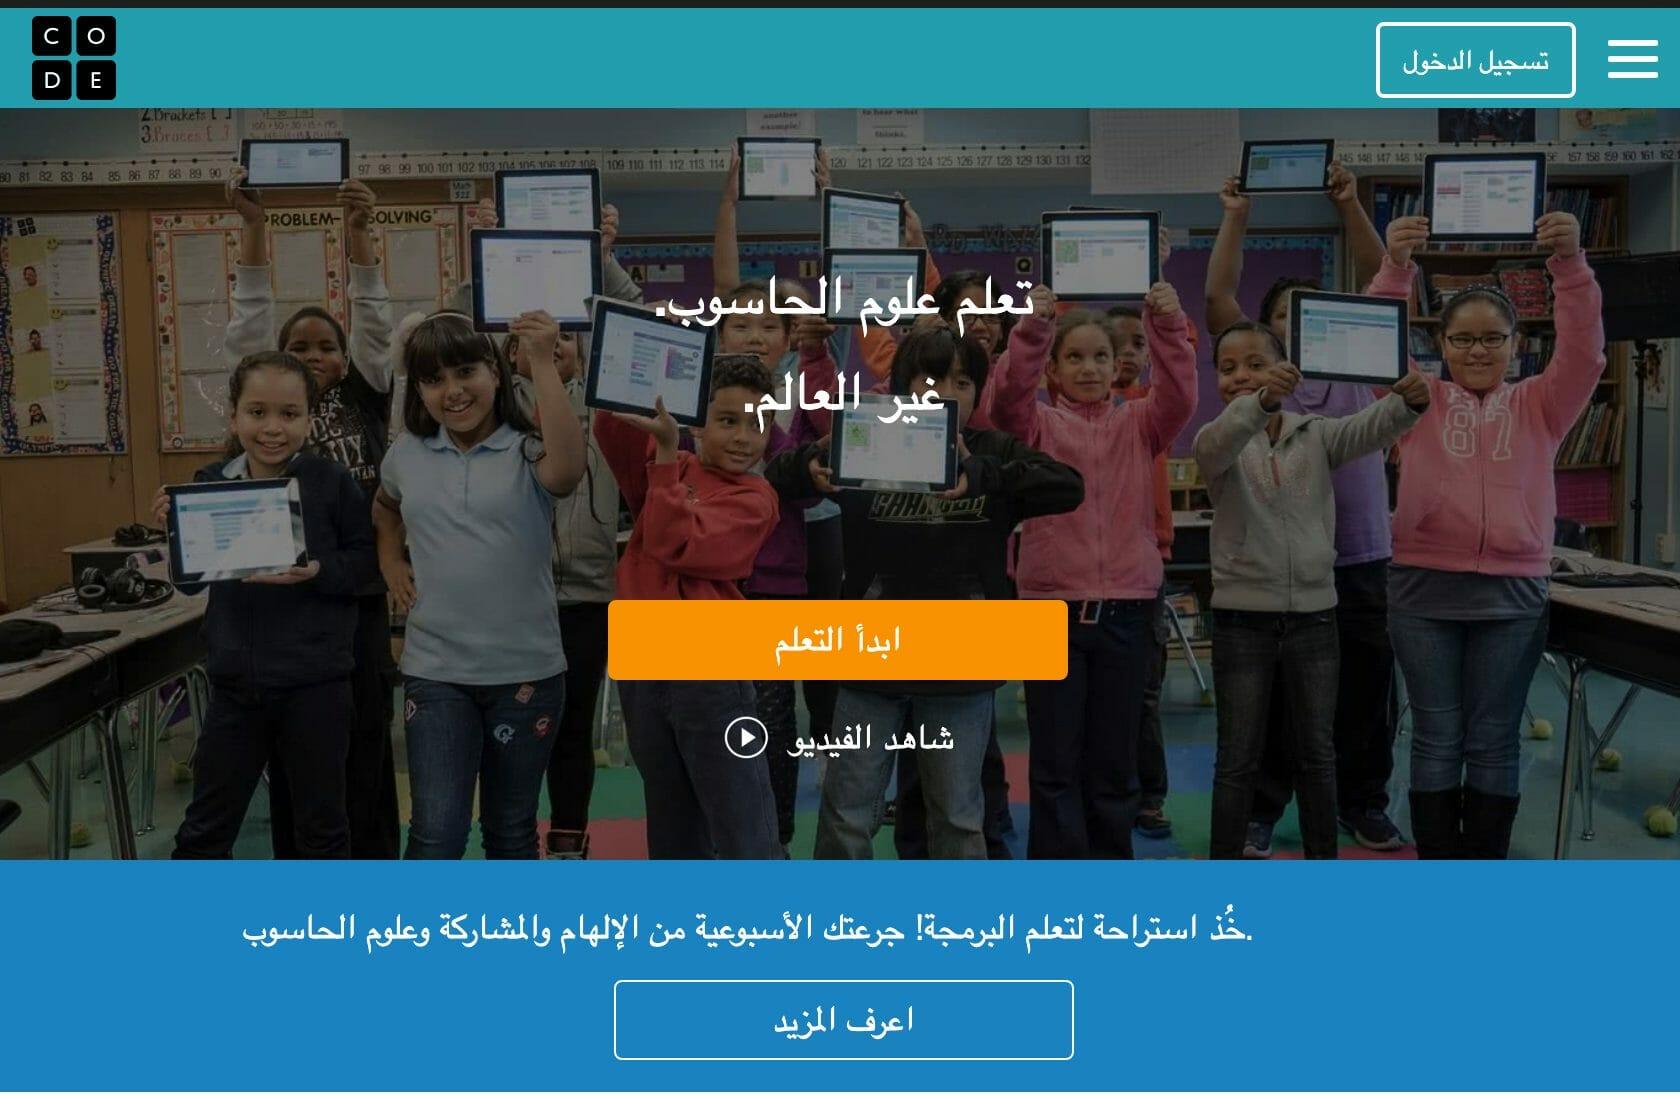 تعلم البرمجة للأطفال موقع Code.org